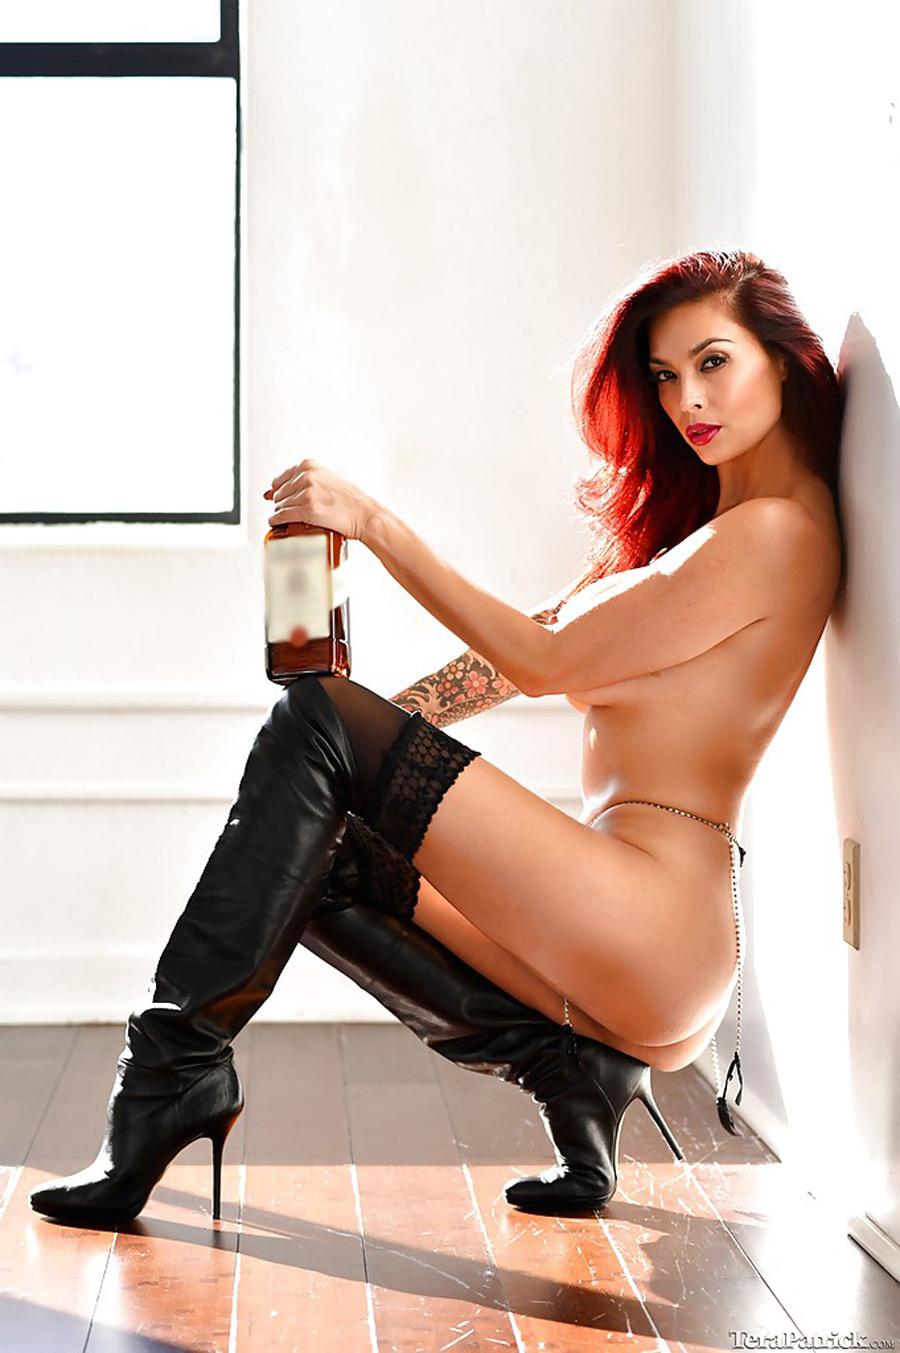 Tera Patrick, sexy et nue avec une bouteille de Ballantine's